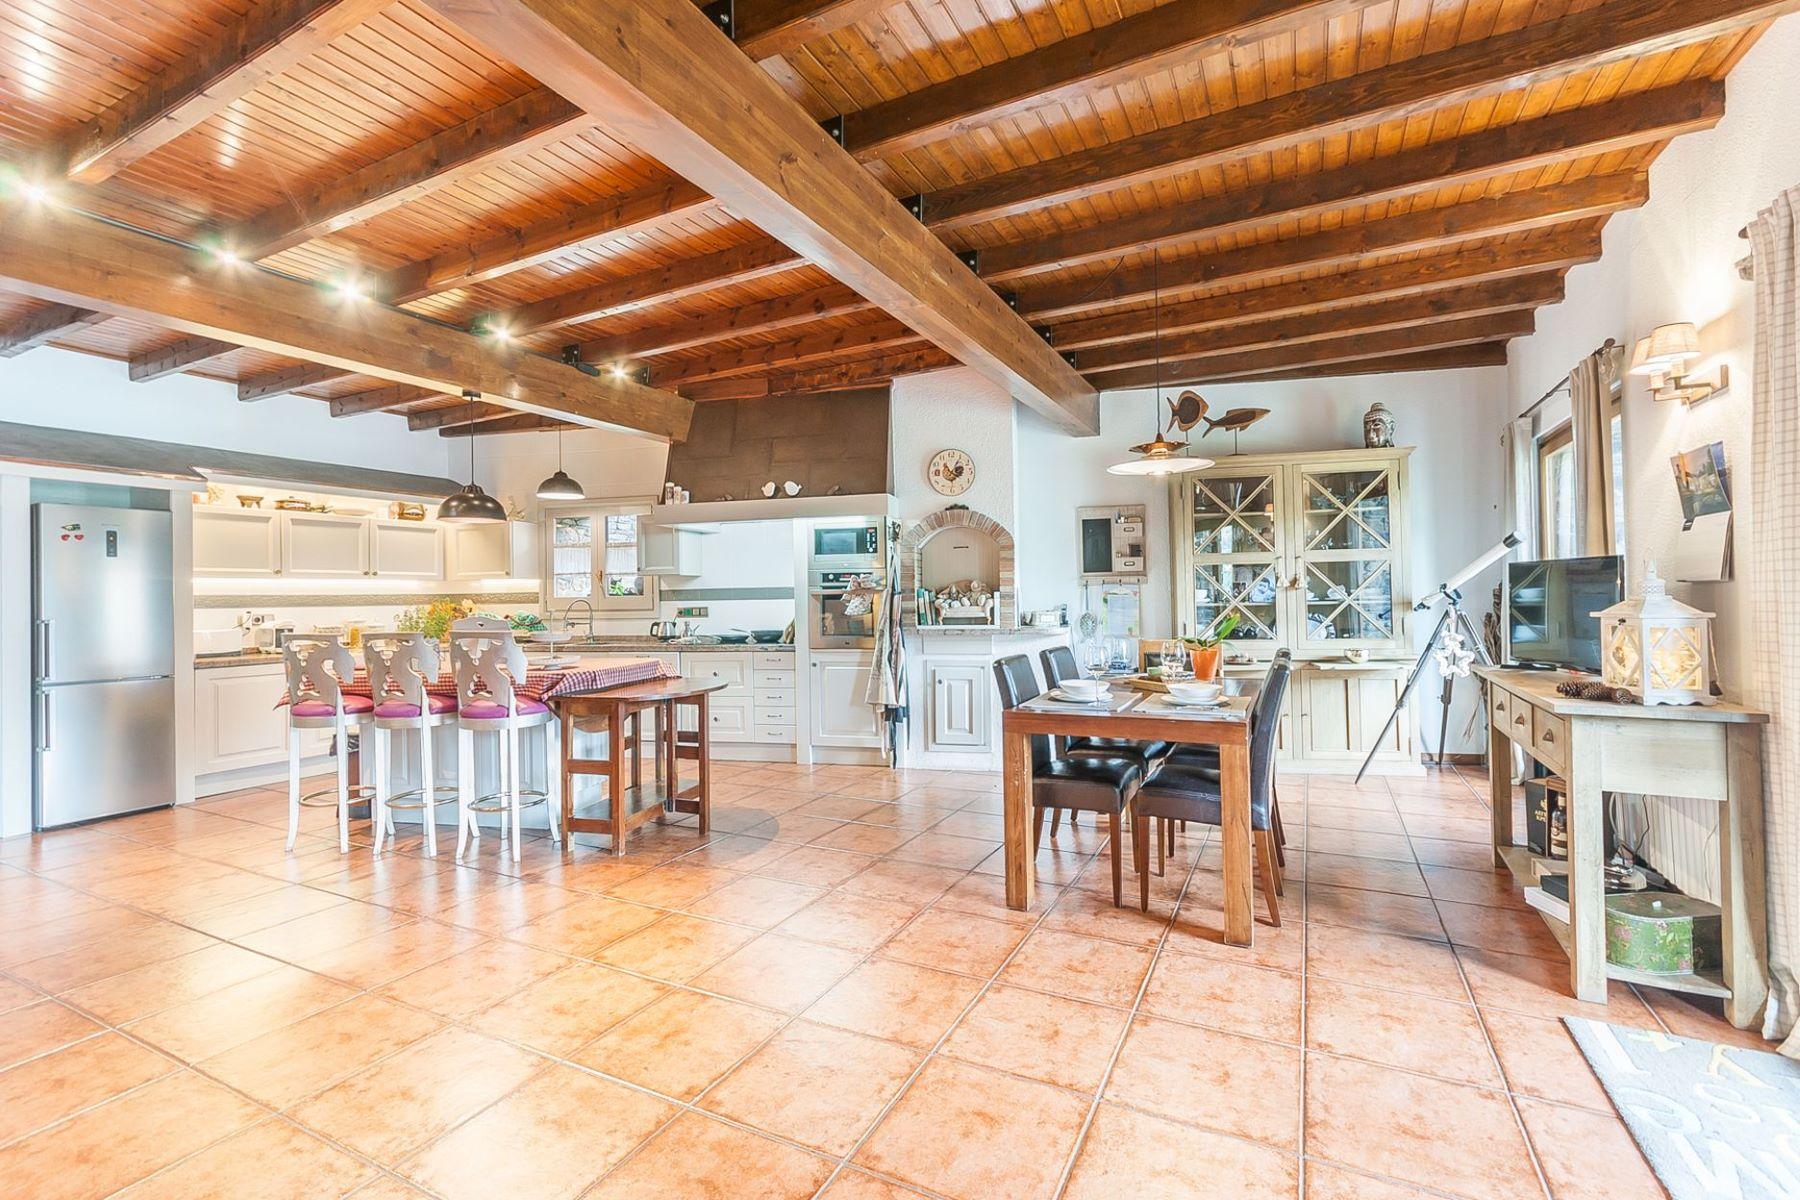 Частный односемейный дом для того Продажа на Chalet-Tower for sale in Sispony Sispony, La Massana, AD400 Andorra